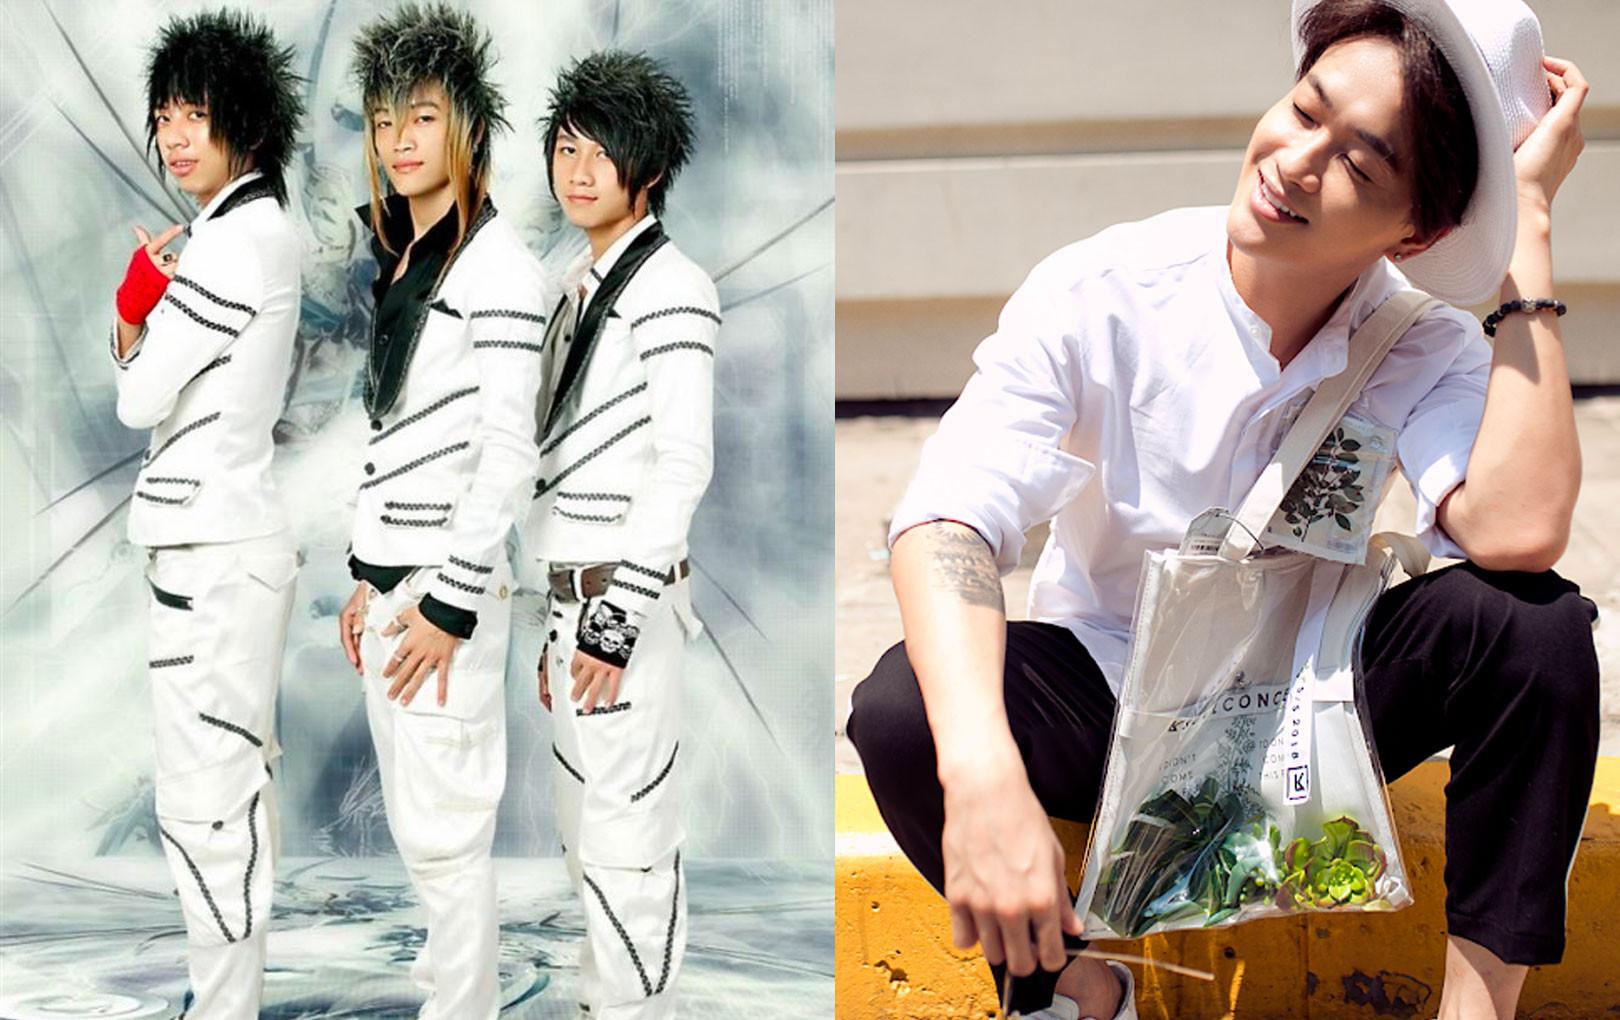 Bẵng đi hơn chục năm, TiTi - cựu trưởng nhóm nhạc thảm họa HKT giờ đã 'dậy thì thành công' thế này rồi ư?